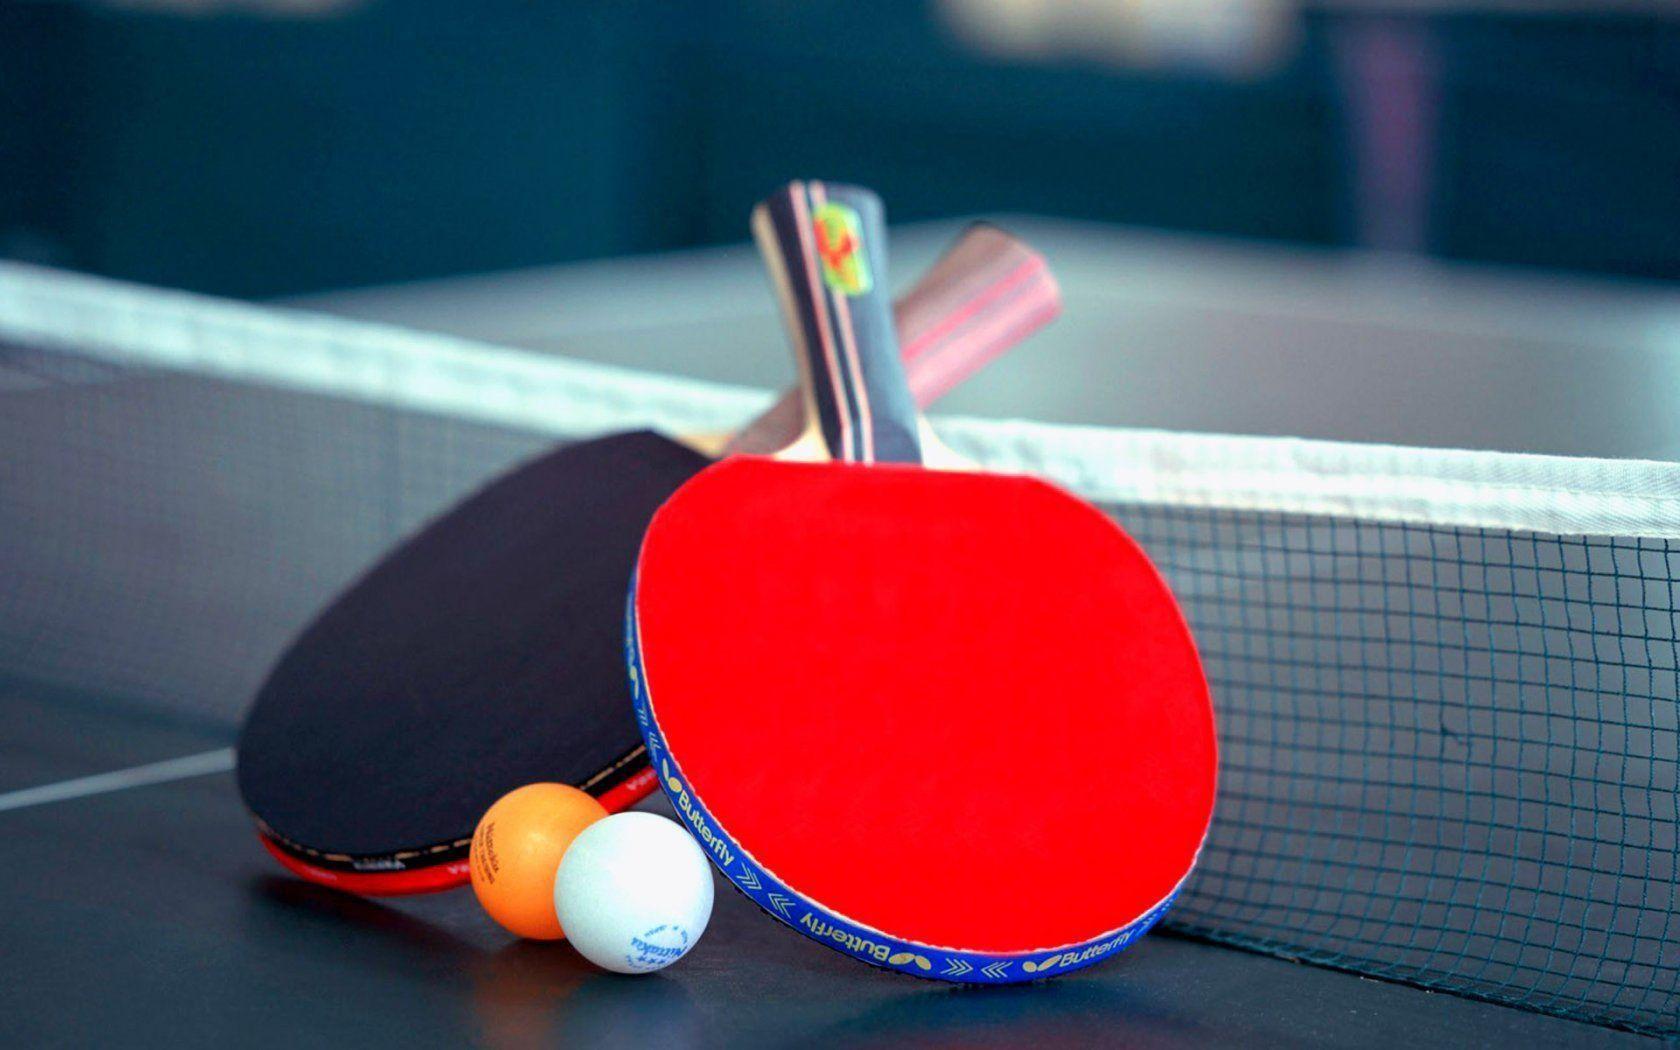 Юная карагандинка стала абсолютной чемпионкой РК по настольному теннису